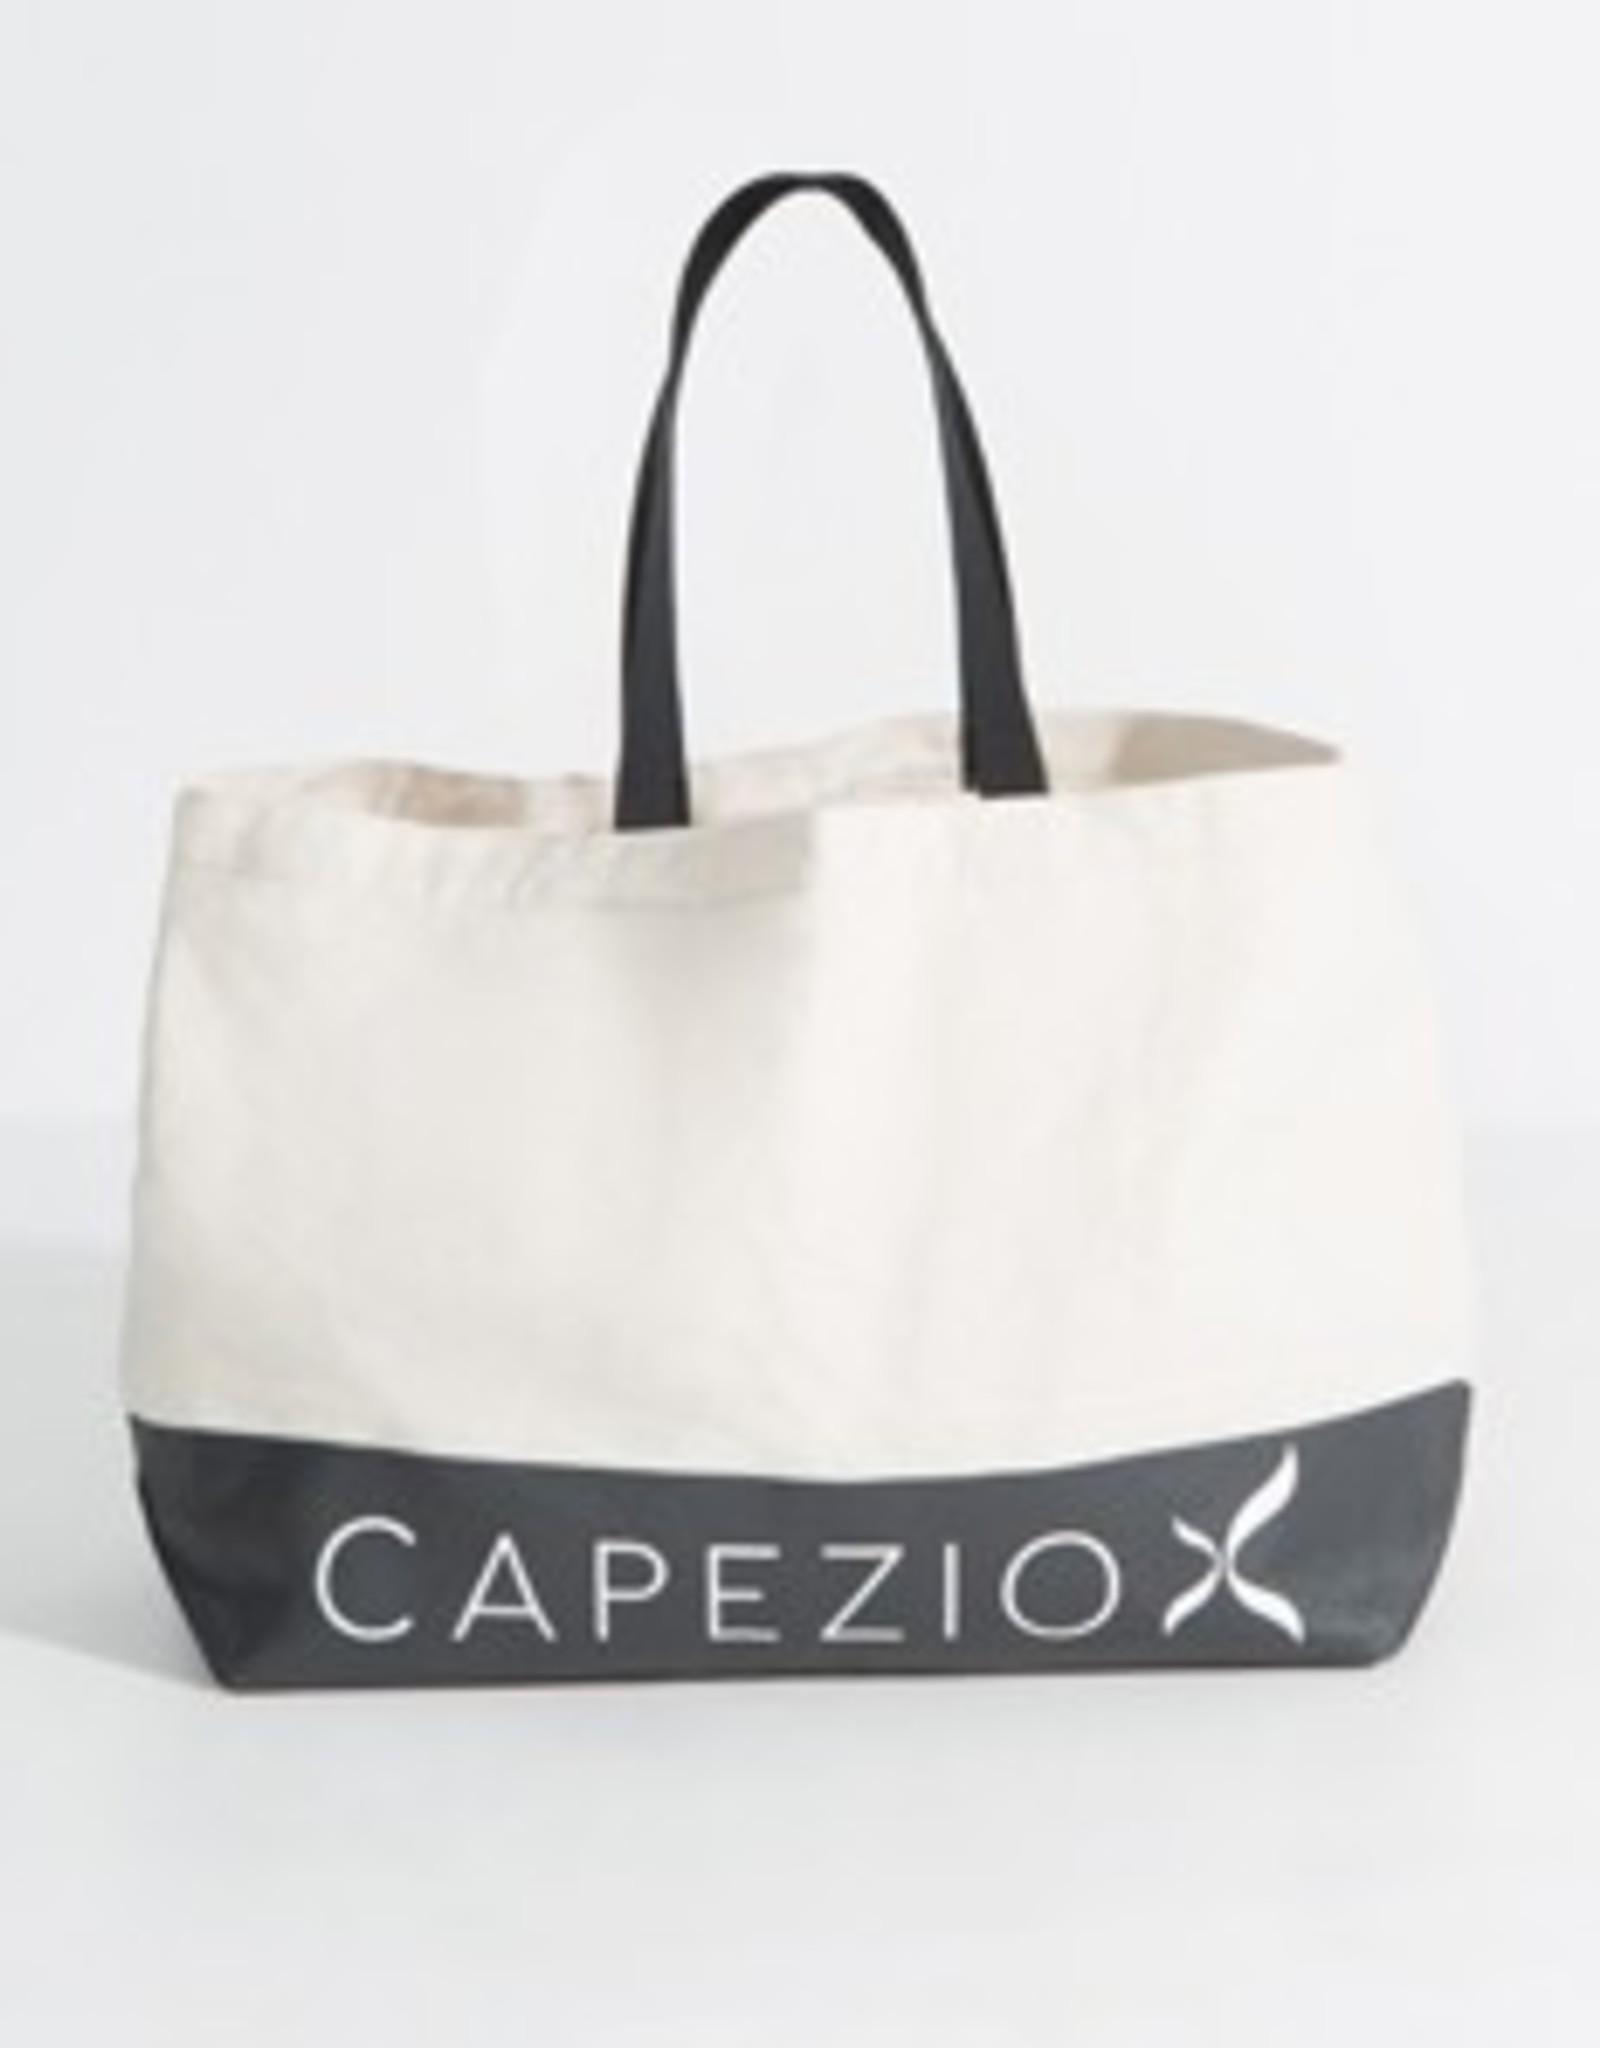 Capezio Capezio Large Canvas Tote - N201W